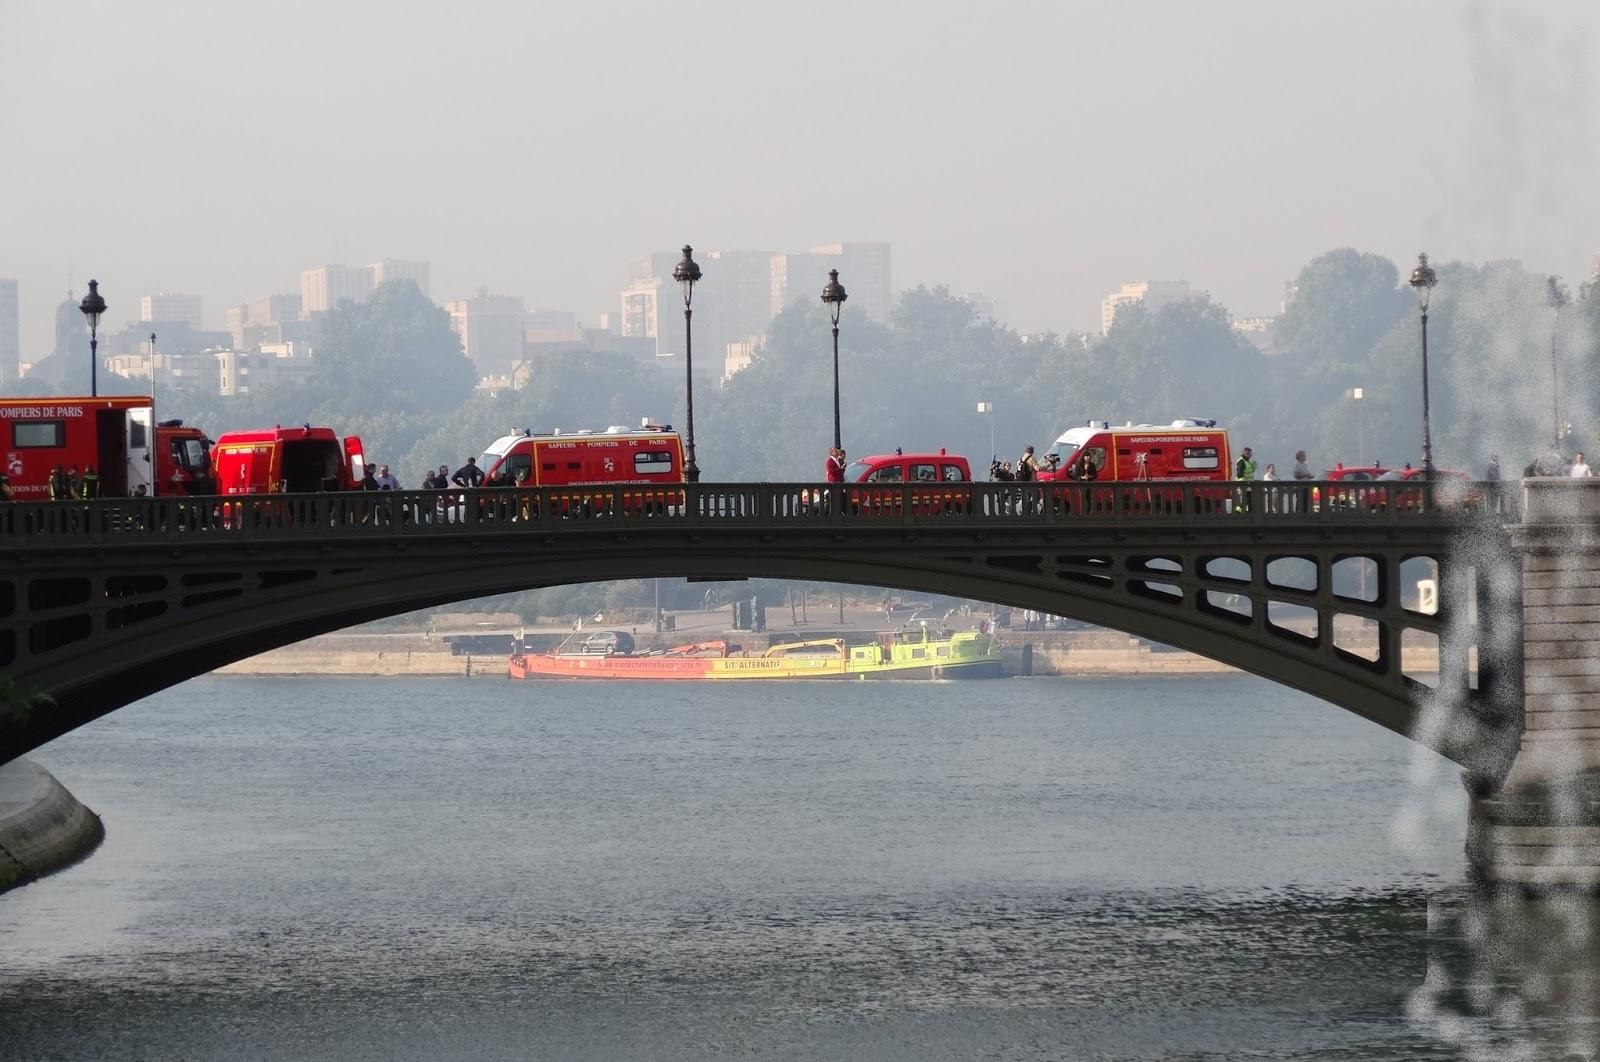 Sur Le Pont Des Arts